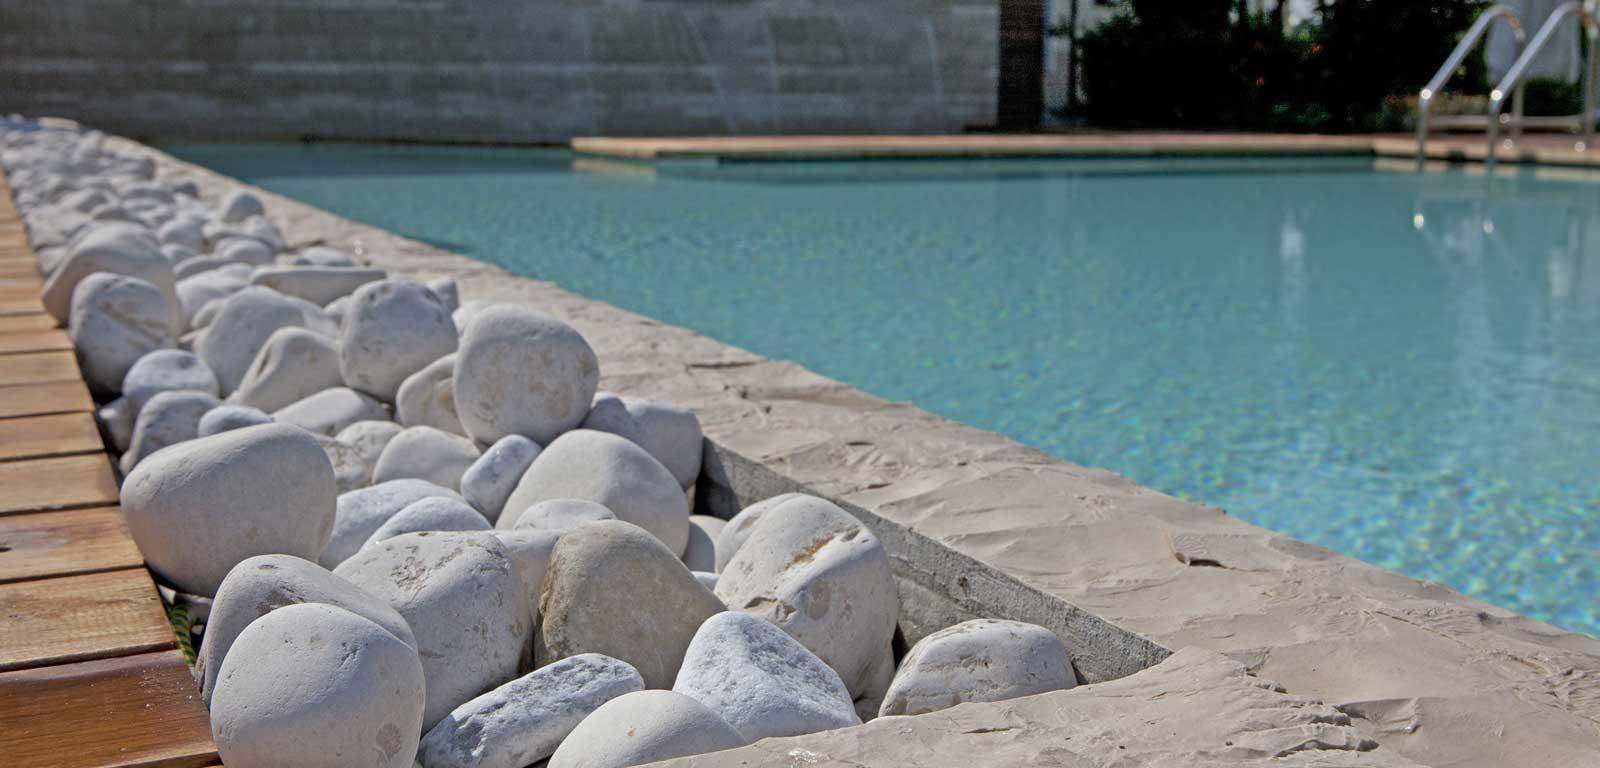 Bordo piscina con ciottoli levigati piscine castiglione for Ciottoli bianchi da giardino prezzi